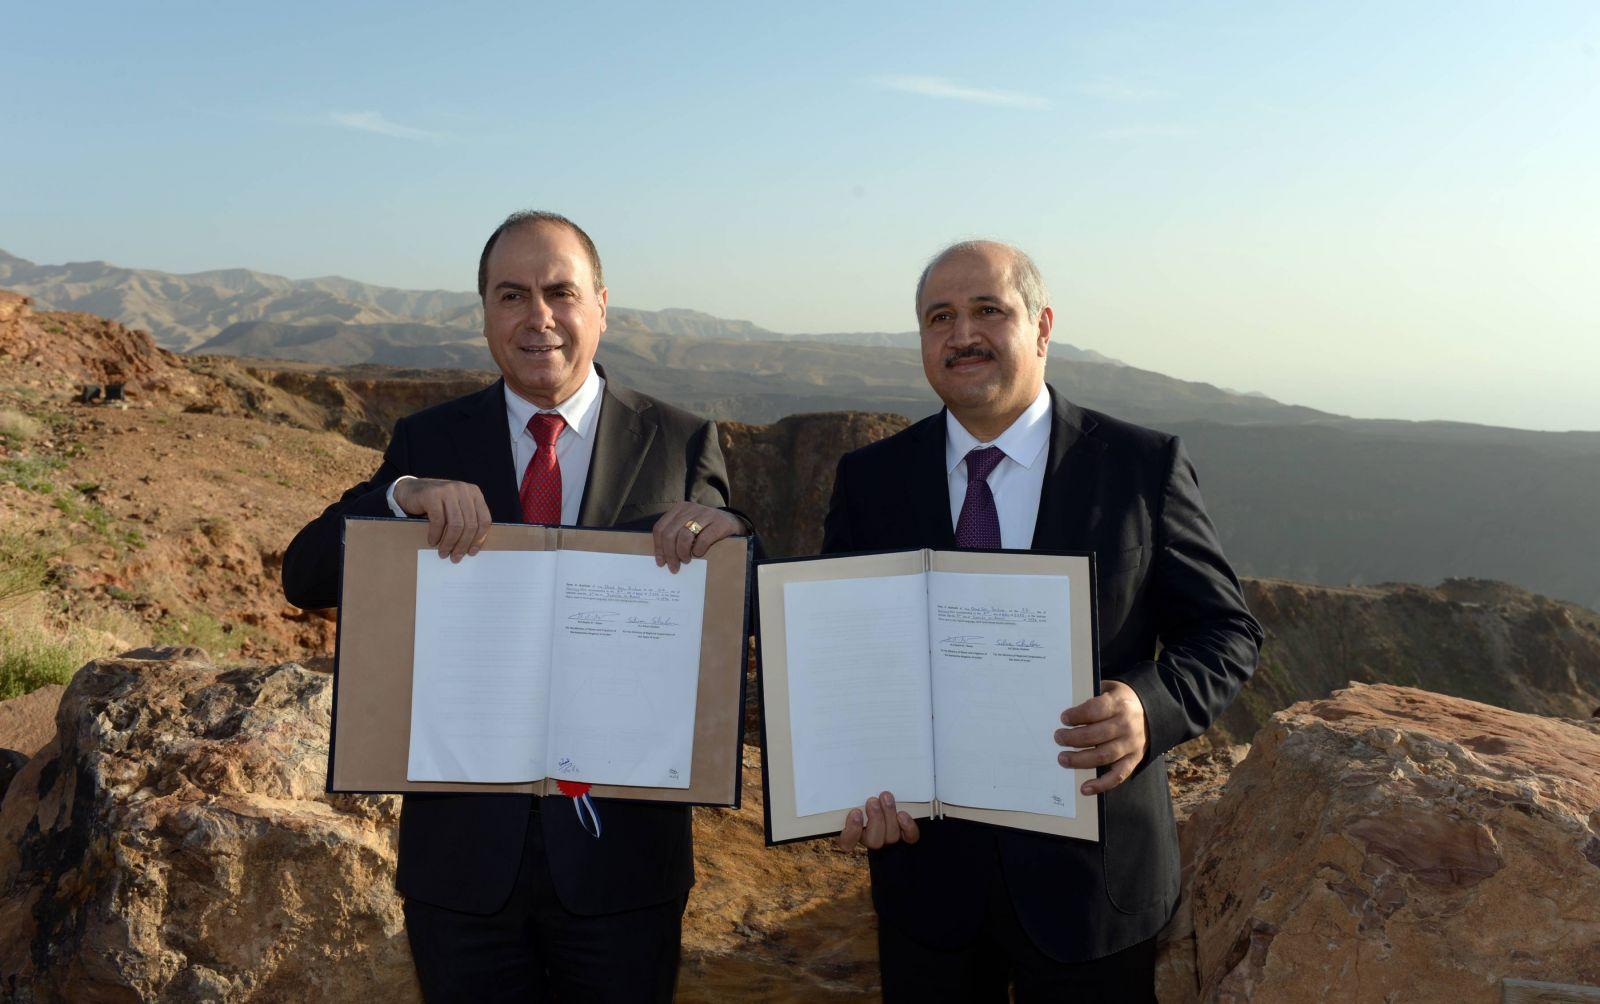 از طرح «مولکول های شتاب دهنده های الکترونیکی» کشور اردن چه می دانید؟